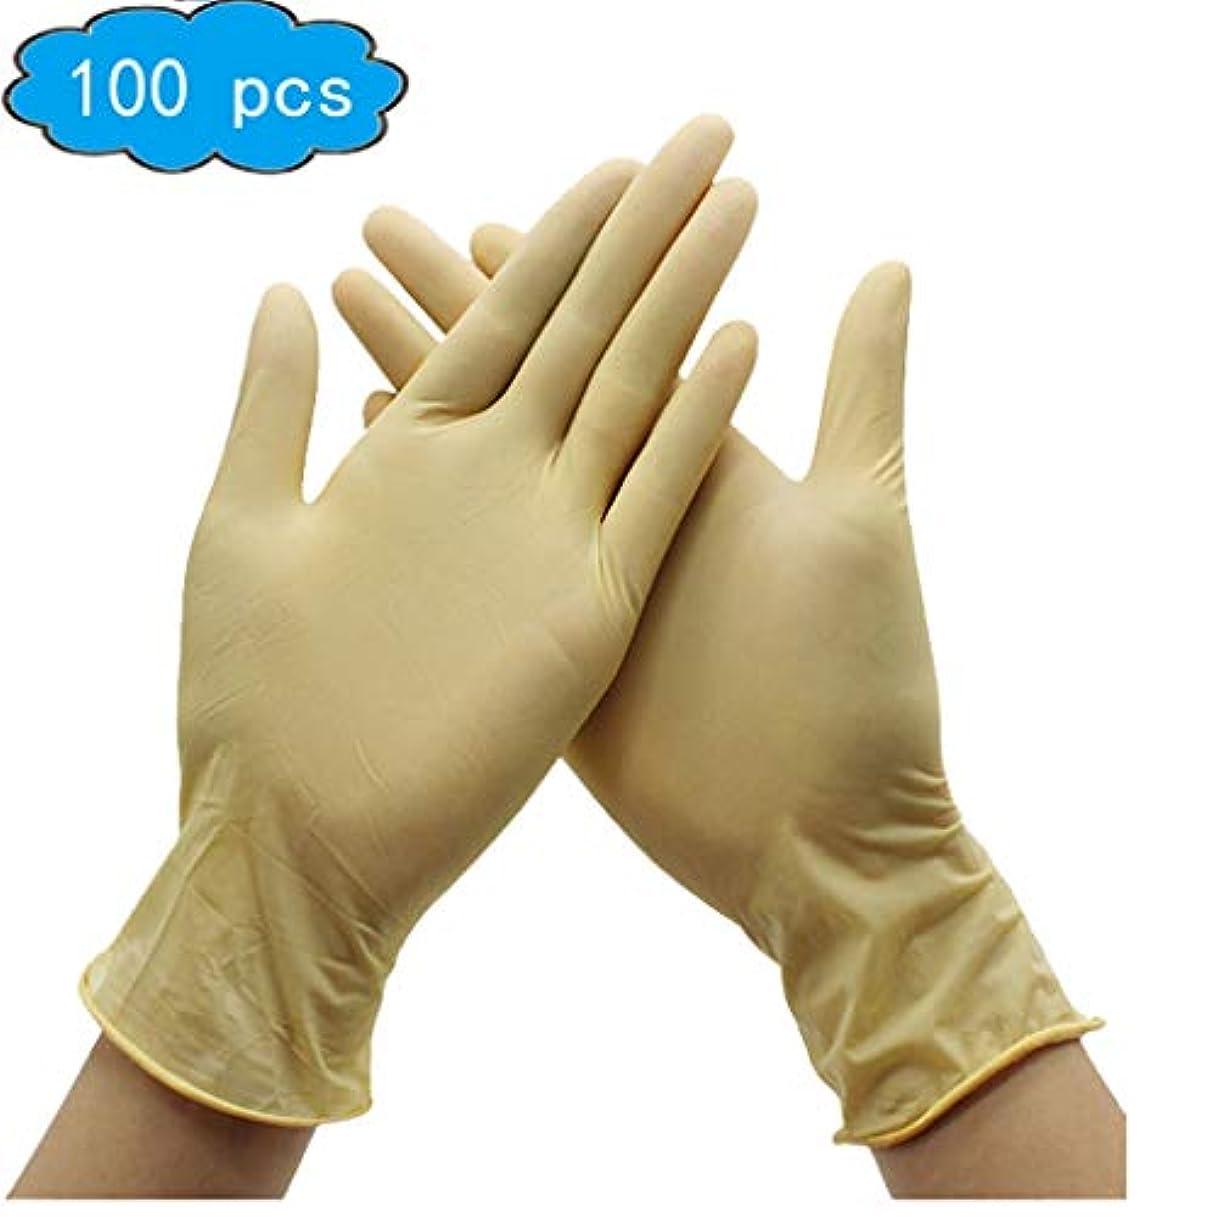 靴下虐待エゴイズムラテックス手袋、試験/食品グレードの安全製品、使い捨て手袋および手袋Dispensers 100psc、衛生手袋、健康、家庭用ベビーケア (Color : Beige, Size : L)